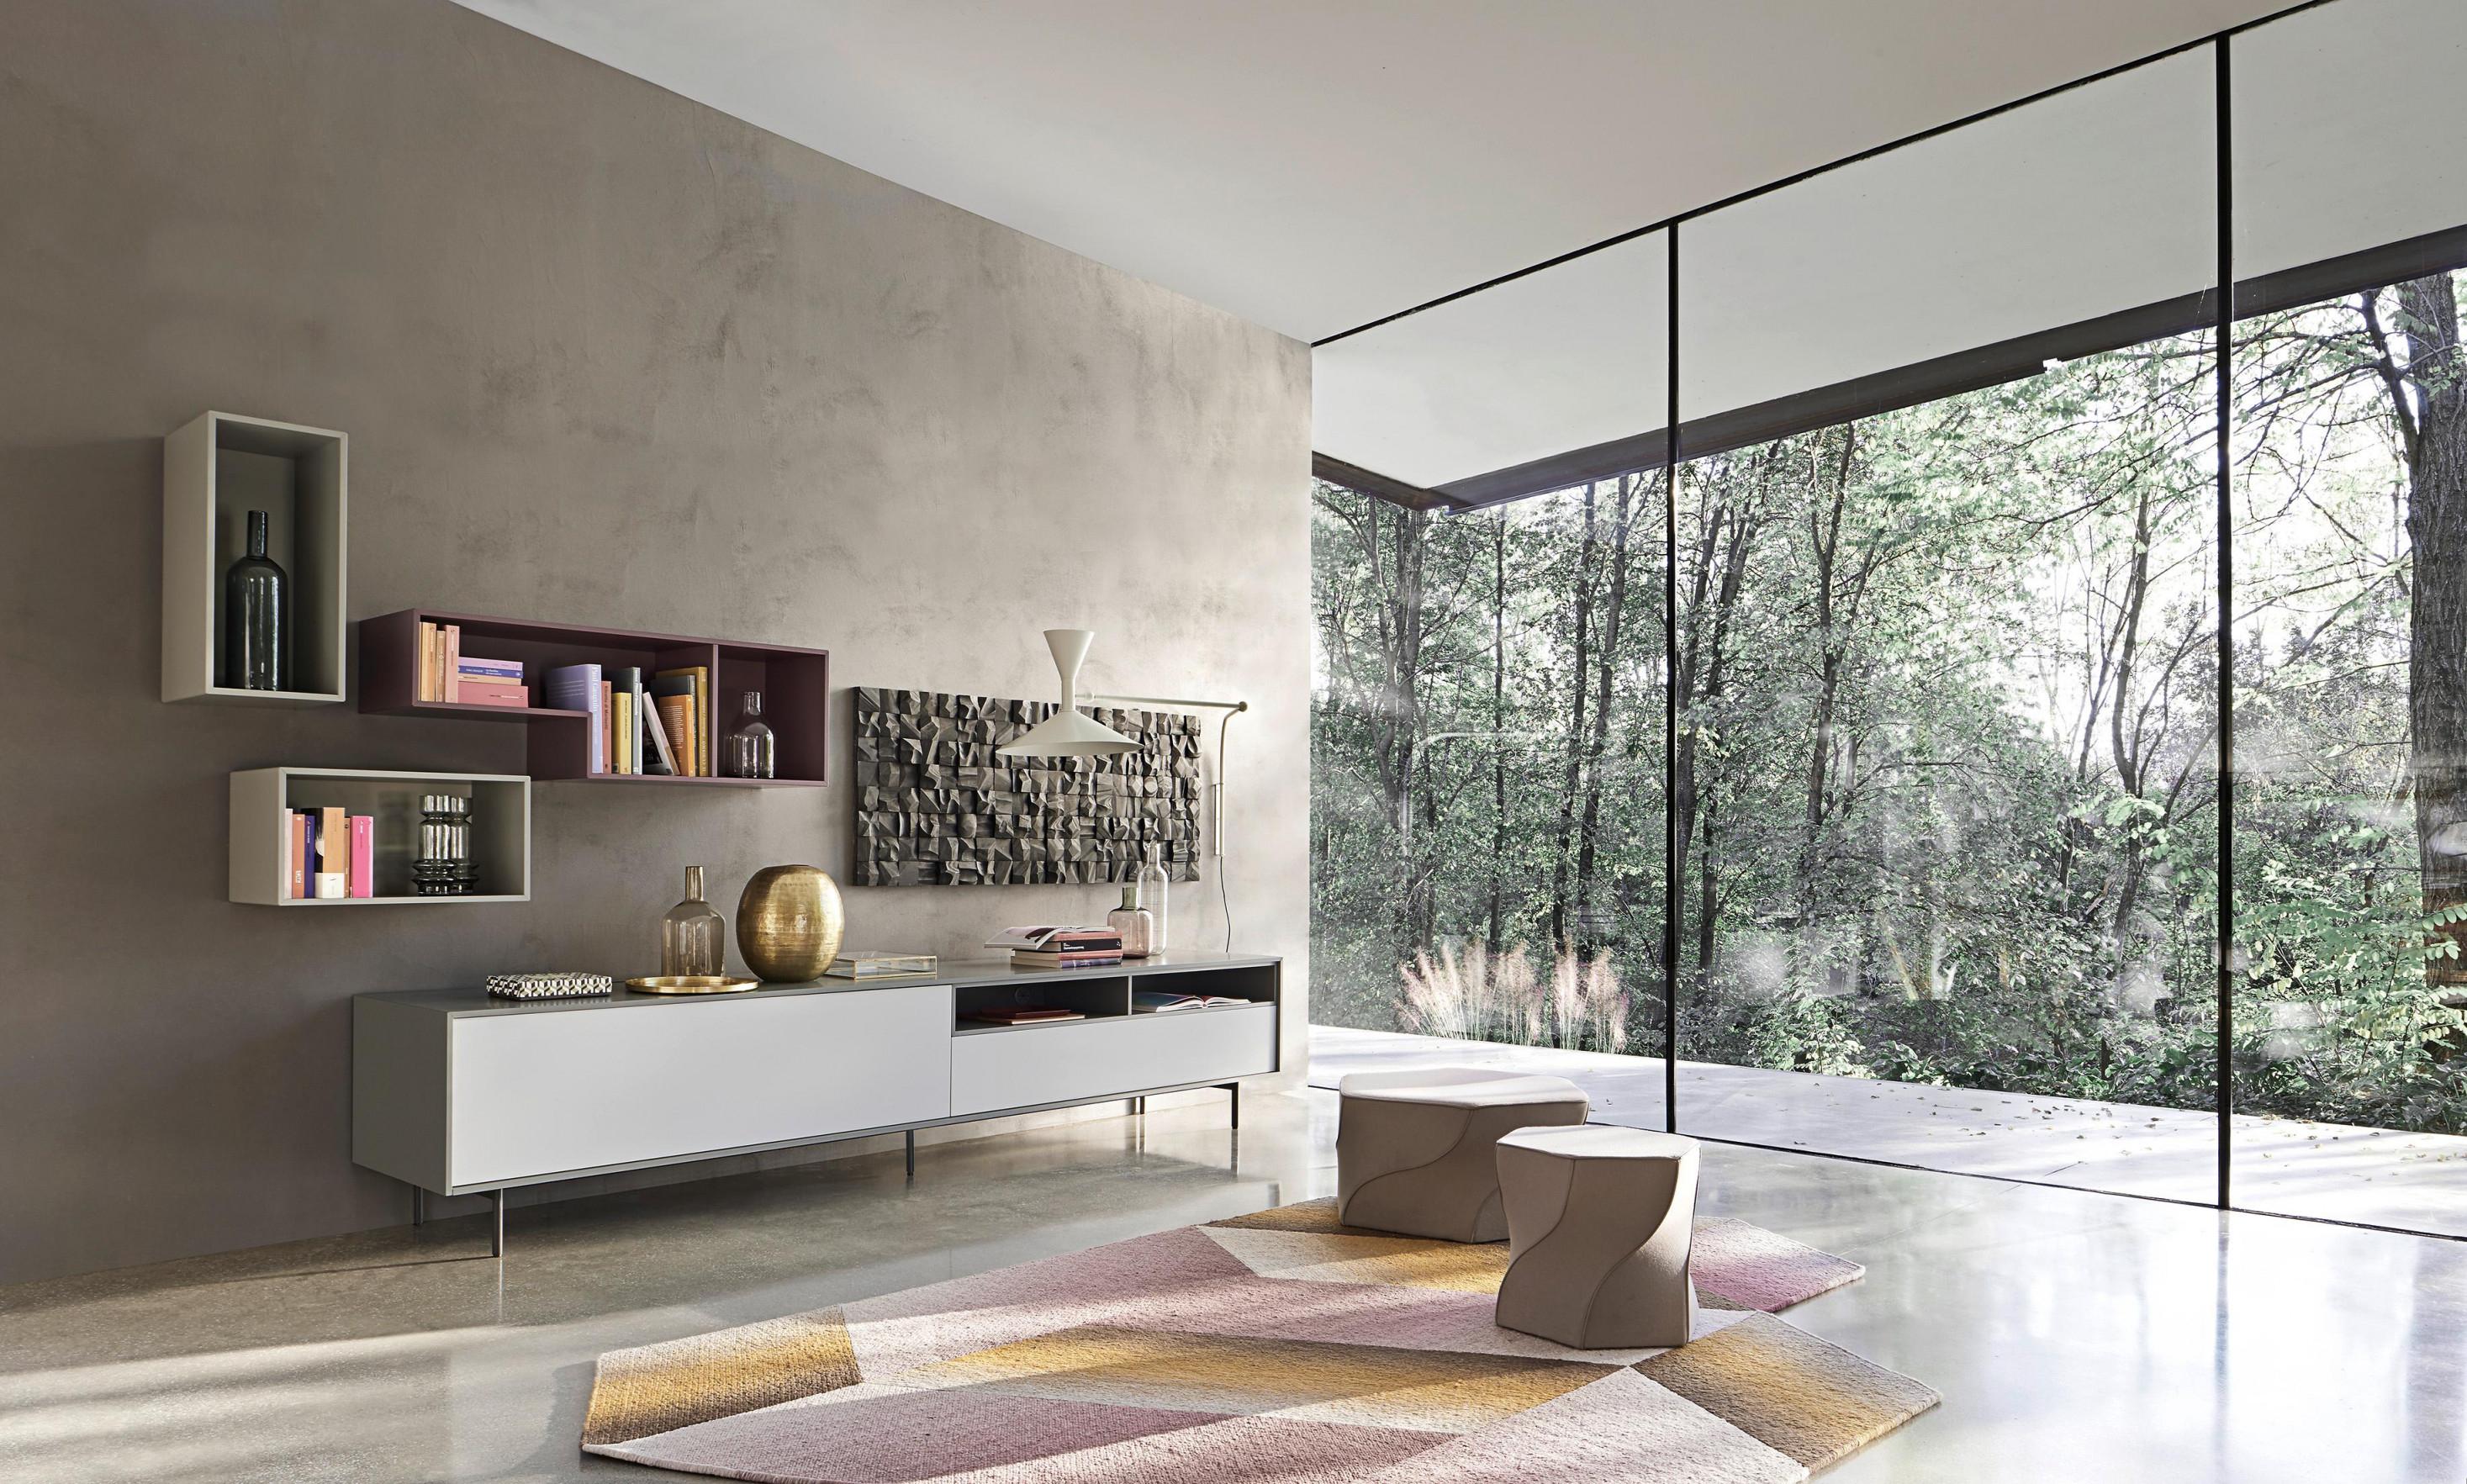 Wohnwand Stauraum Schaffen Mit Ideen Bei Couch von Wohnzimmer Wohnwand Ideen Bild